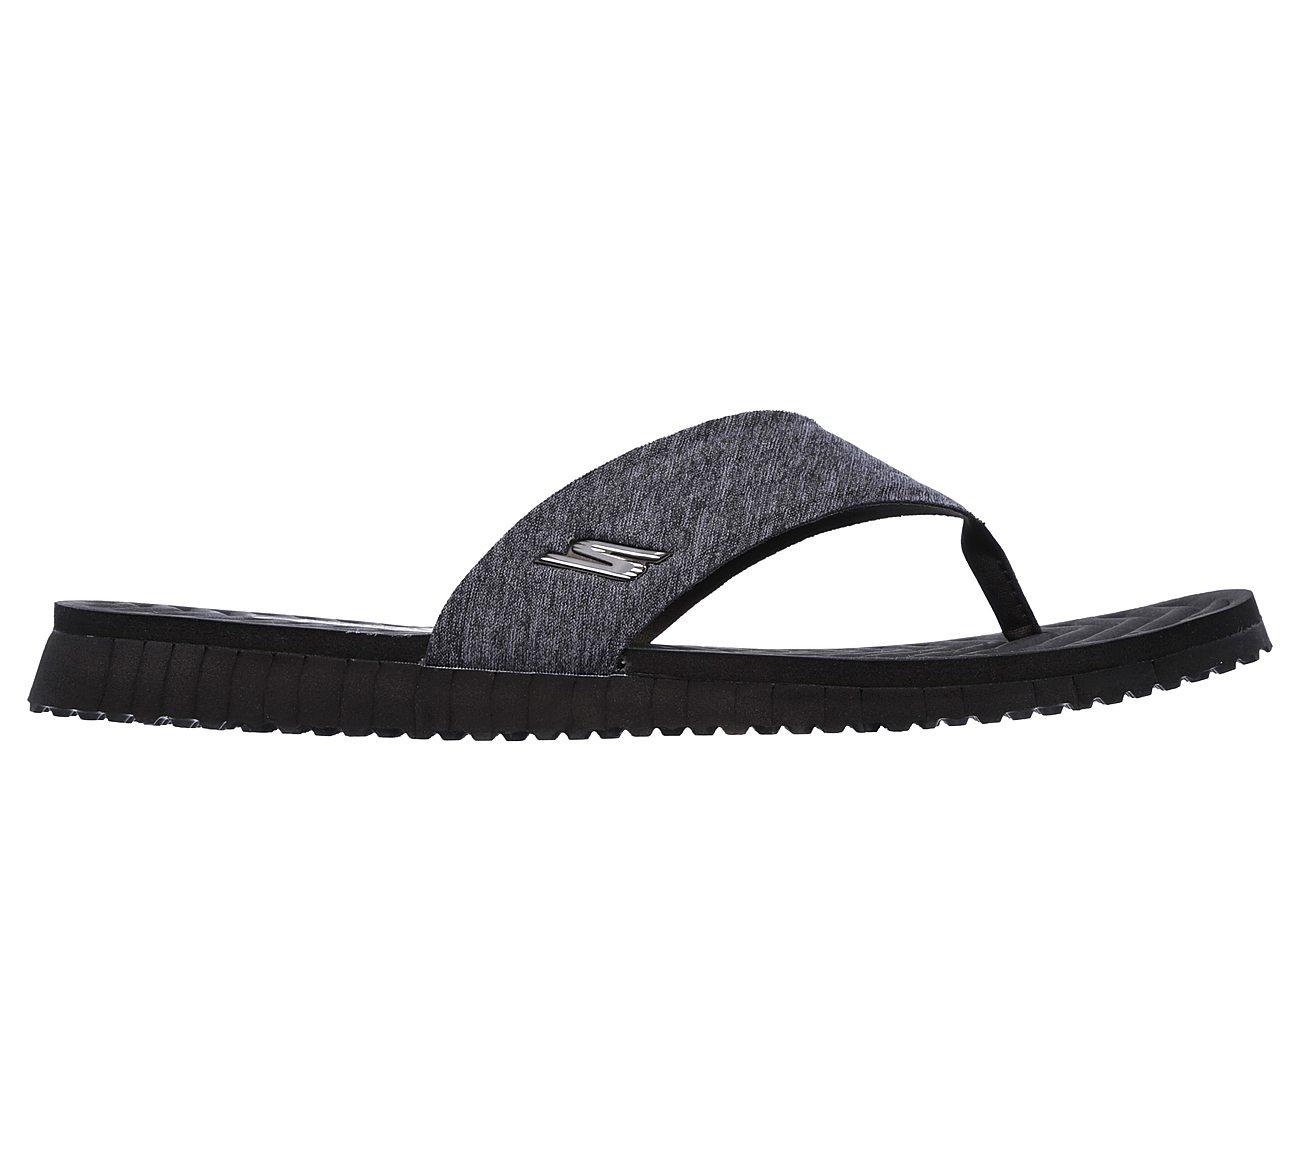 skechers go sandals